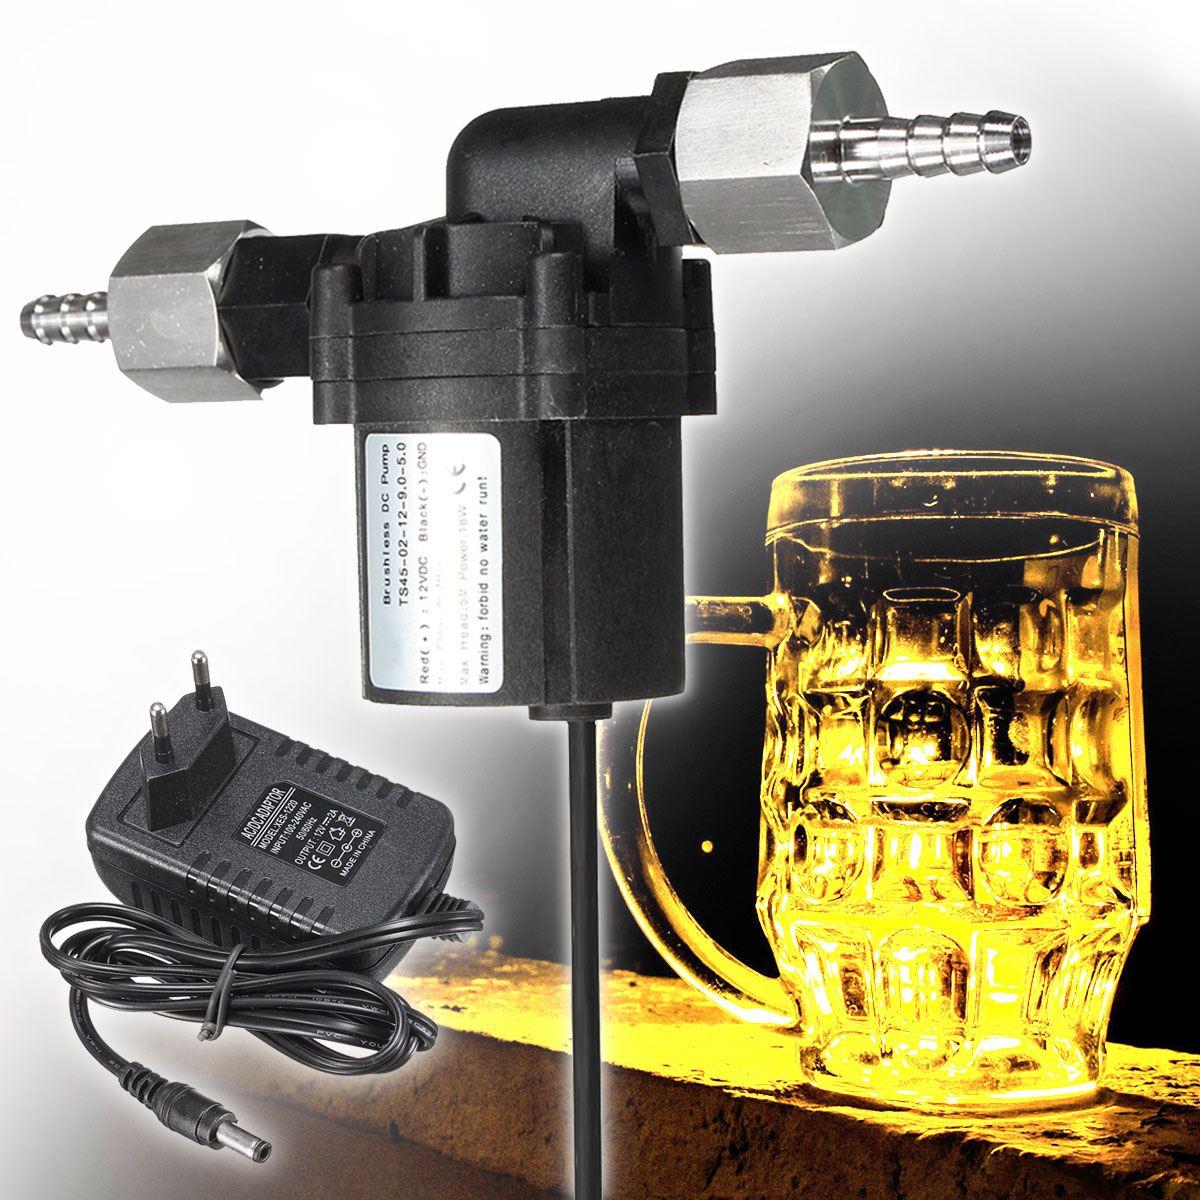 Nouveau DC 12 v De Transfert De Fluide Brassage Homebrew Pompe de Qualité Alimentaire Maison Home Bar Vin Faire Outils avec Power Adapter